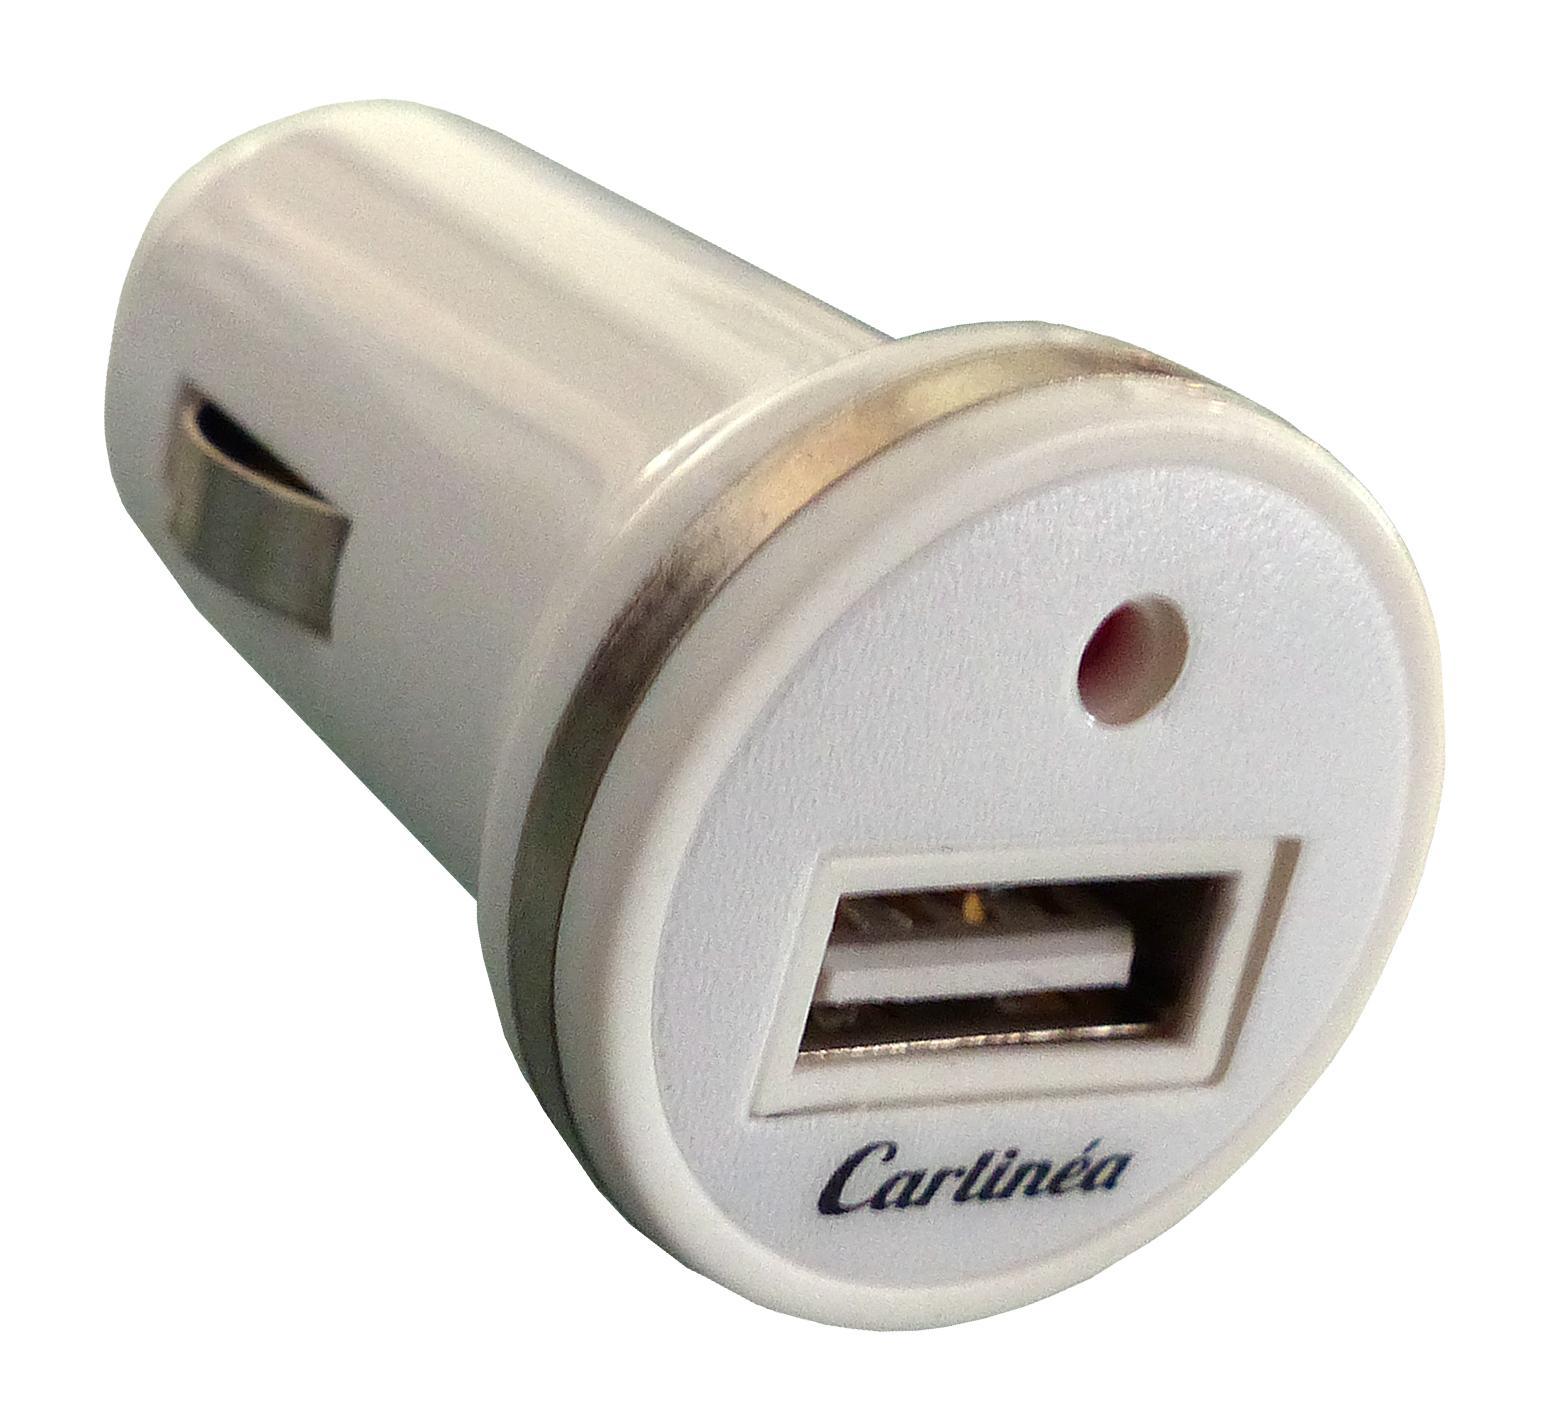 485022 Carlinea Anzahl d. Ein-/Ausgänge: 1 USB Eingangsspannung: 12, 24V KFZ-Ladekabel für Handys 485022 günstig kaufen